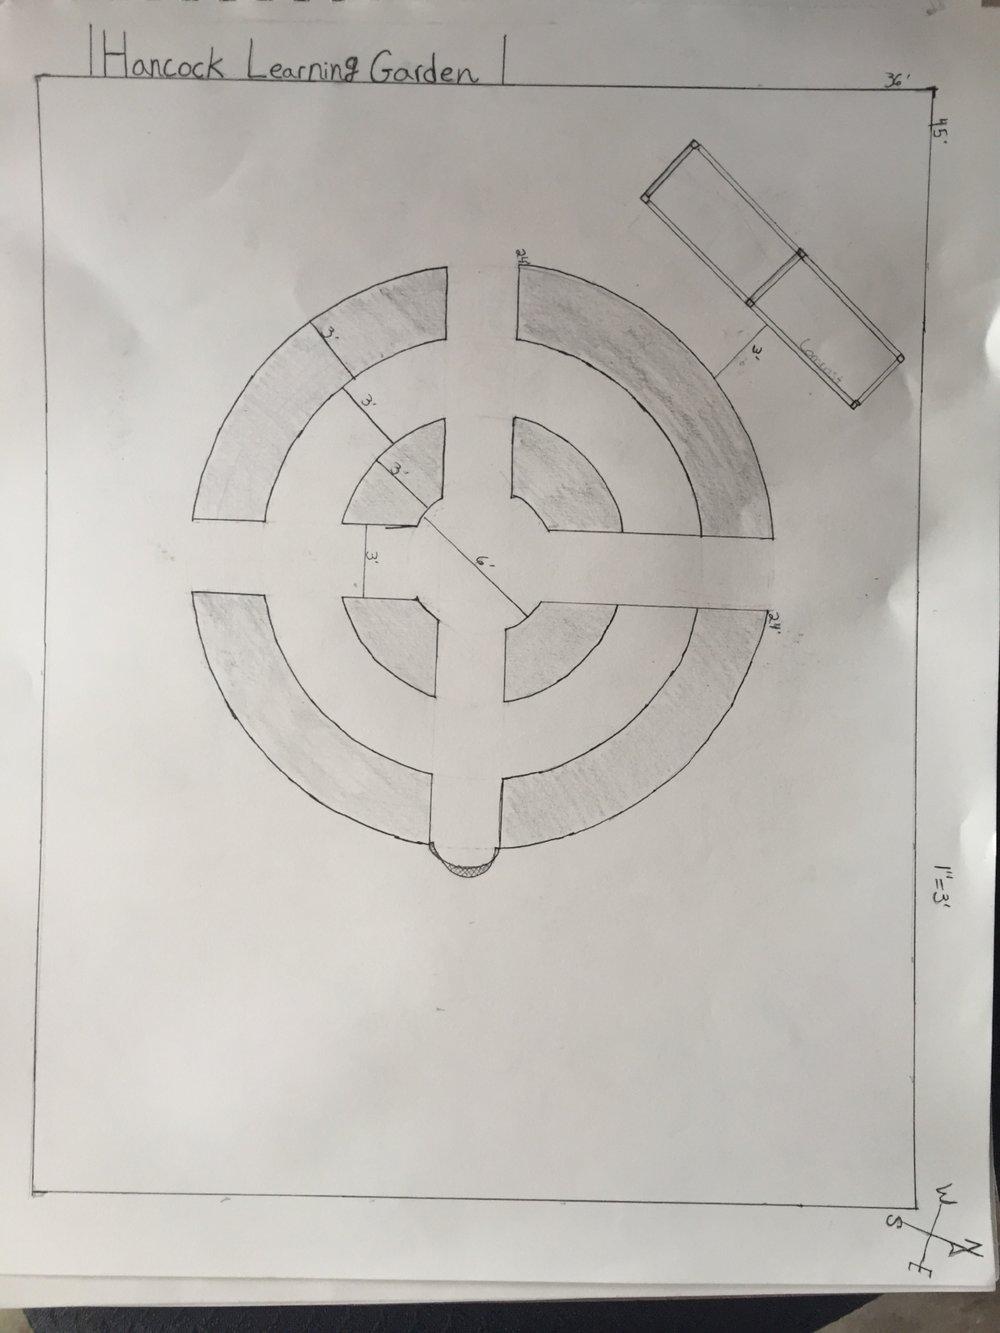 Circle garden design.